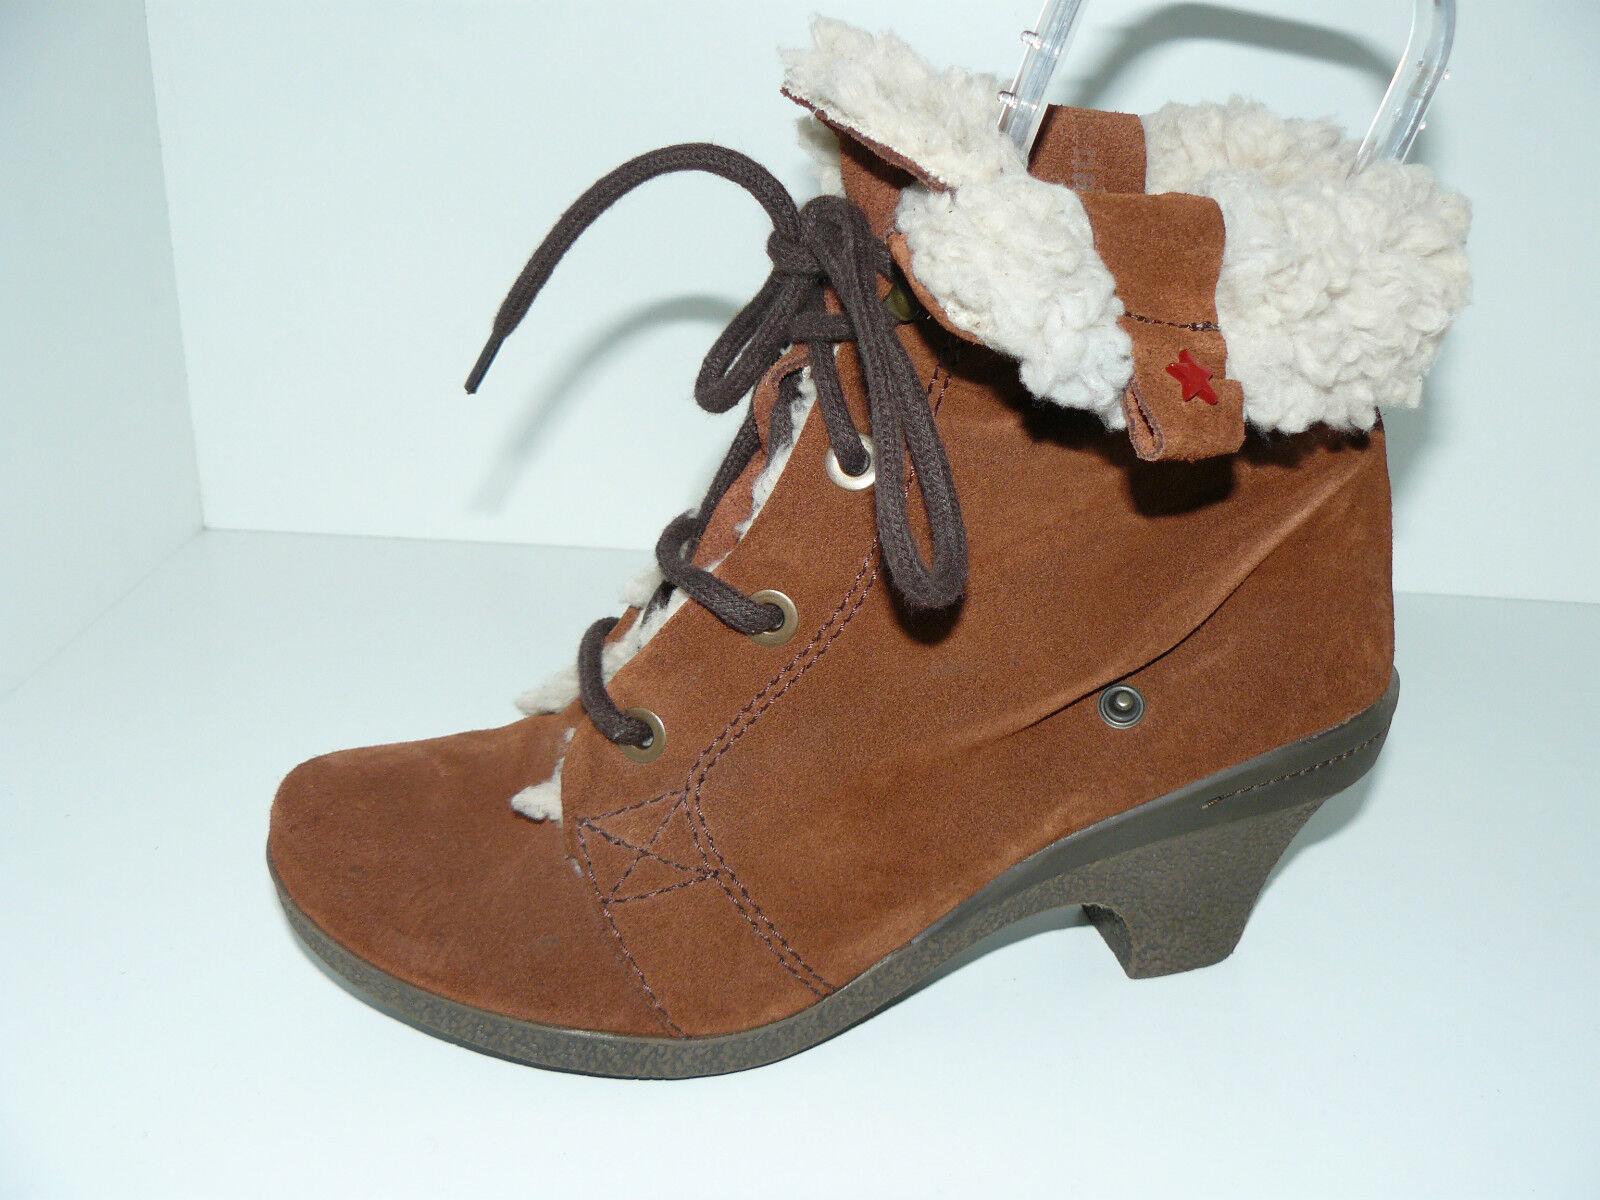 CUBANAS Fell Stiefeletten Biedermeier Damen Schuhe 37 UK 4 Wildleder braun NEU